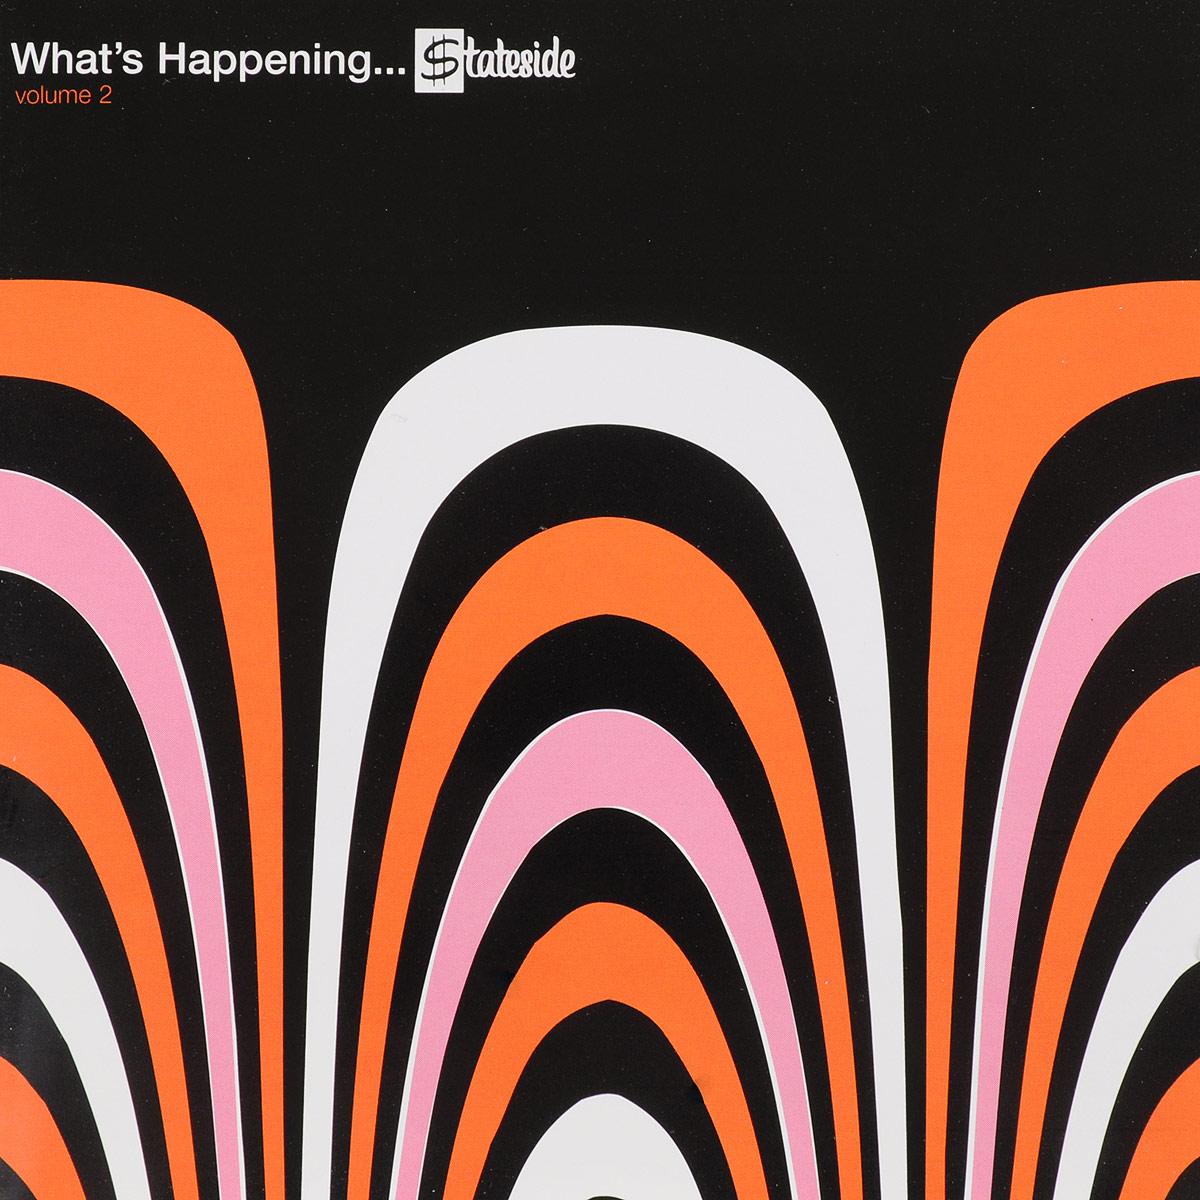 Исполнитель: VARIOUS ARTISTSАльбом: WHAT'S HAPPENING... STATESIDE VOLUME 2Производитель: EMI RECORDS